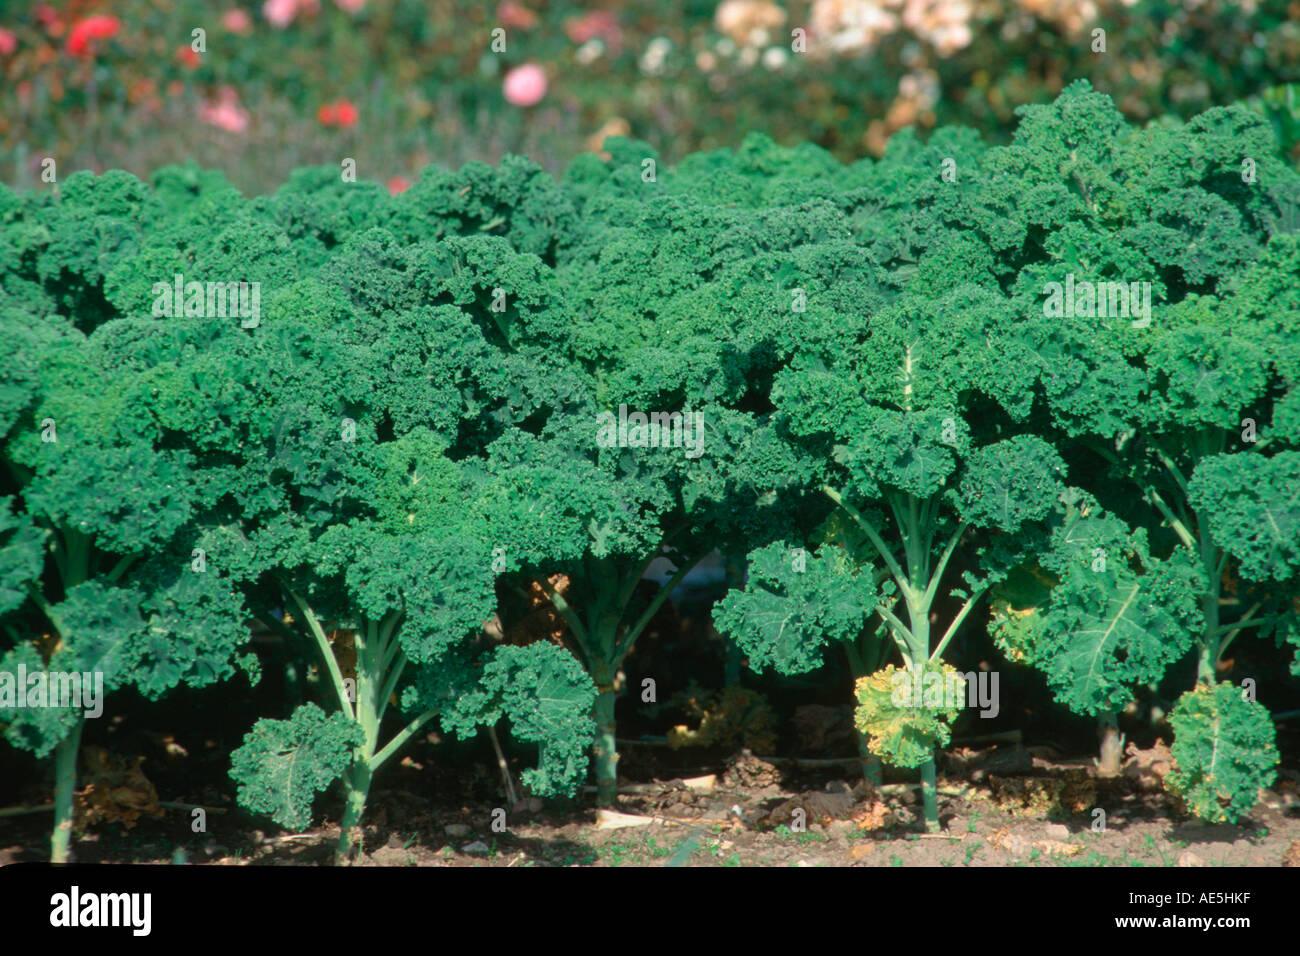 curly kale brassica oleracea var sabellica stock photo. Black Bedroom Furniture Sets. Home Design Ideas